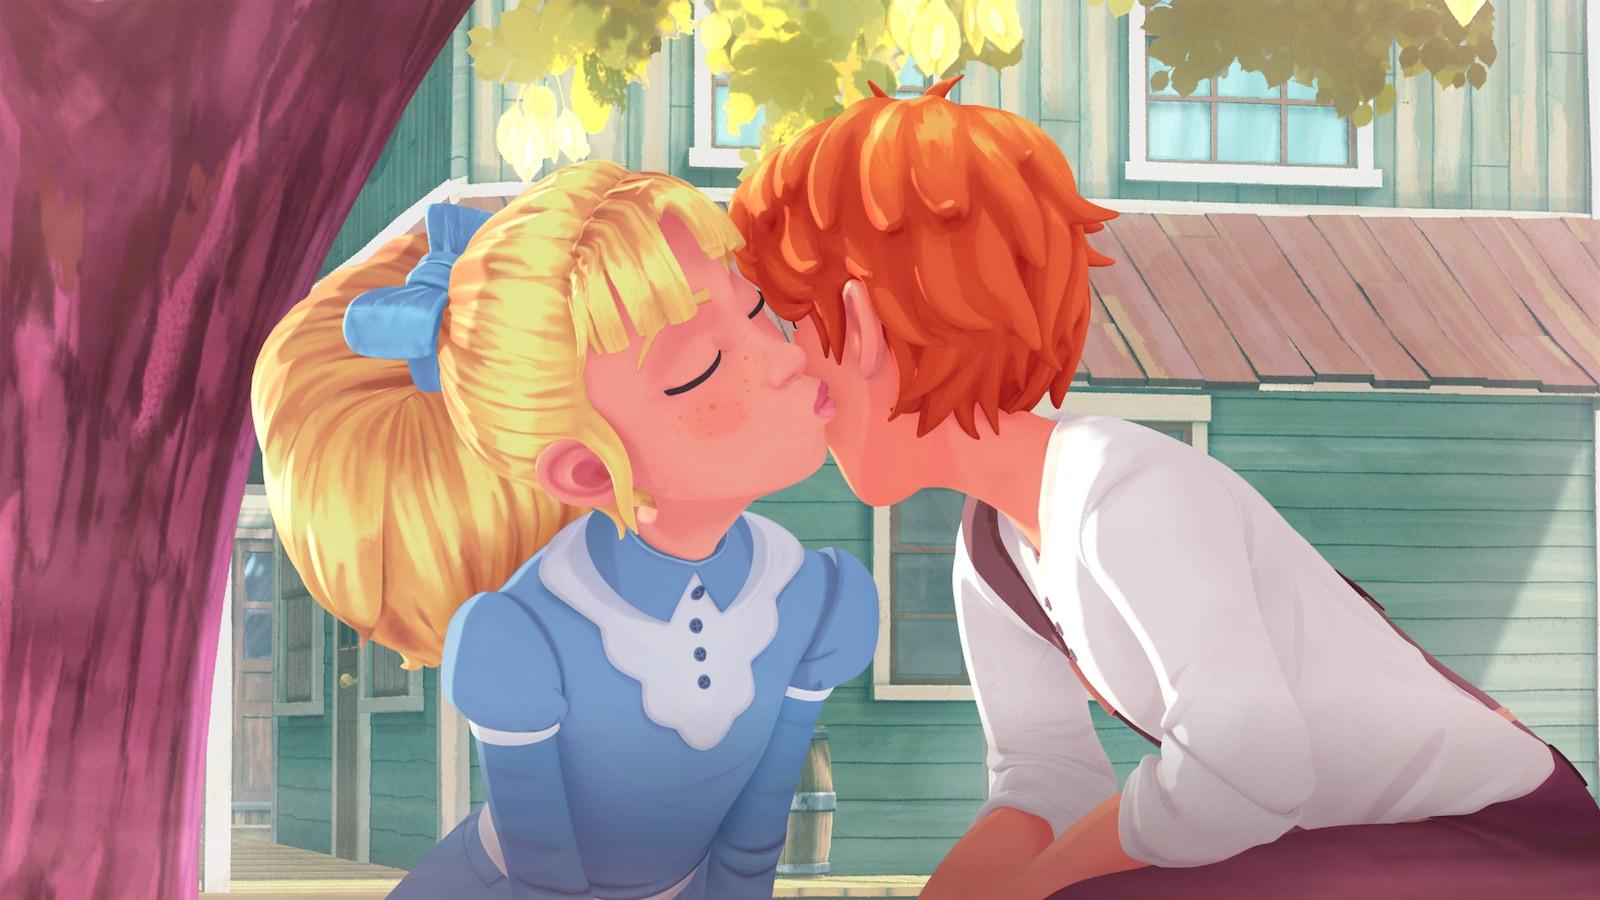 La jeune fille fait un bisou sur la joue à son amoureux